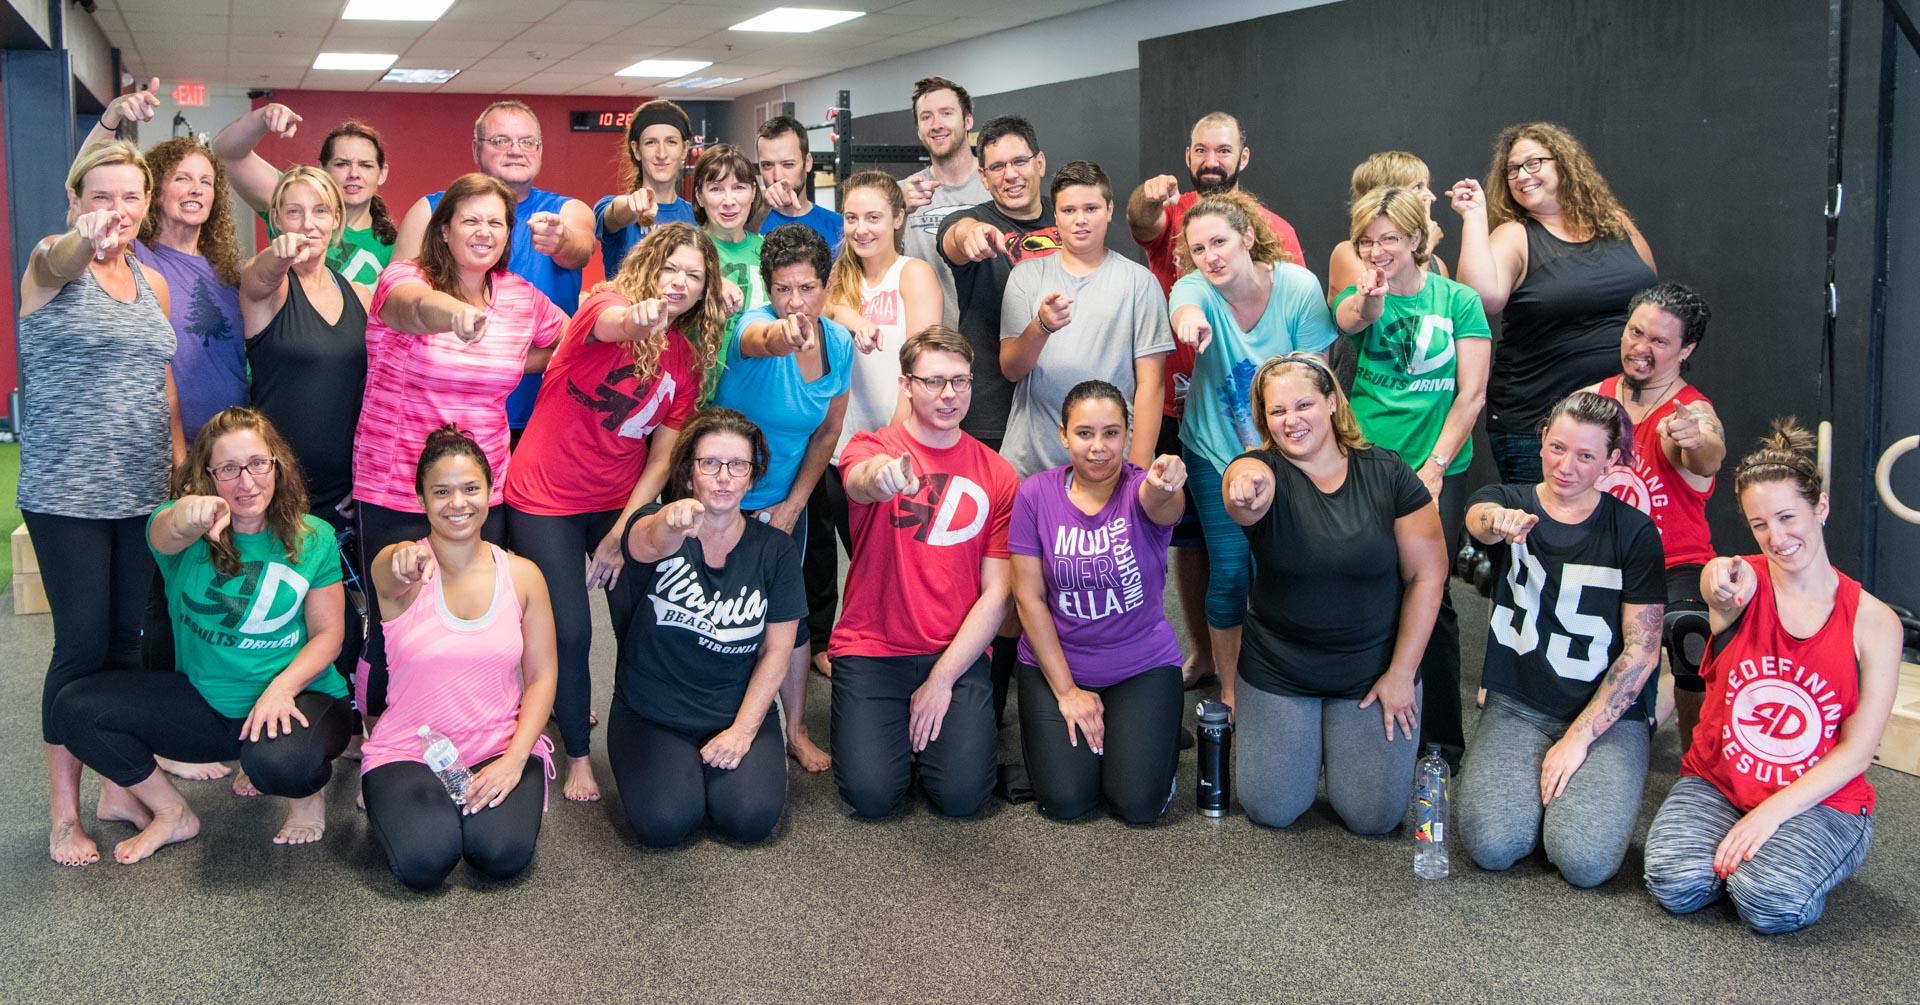 Results-driven-gym-monroe-bring a friend team pic 9-9-17-1.jpg